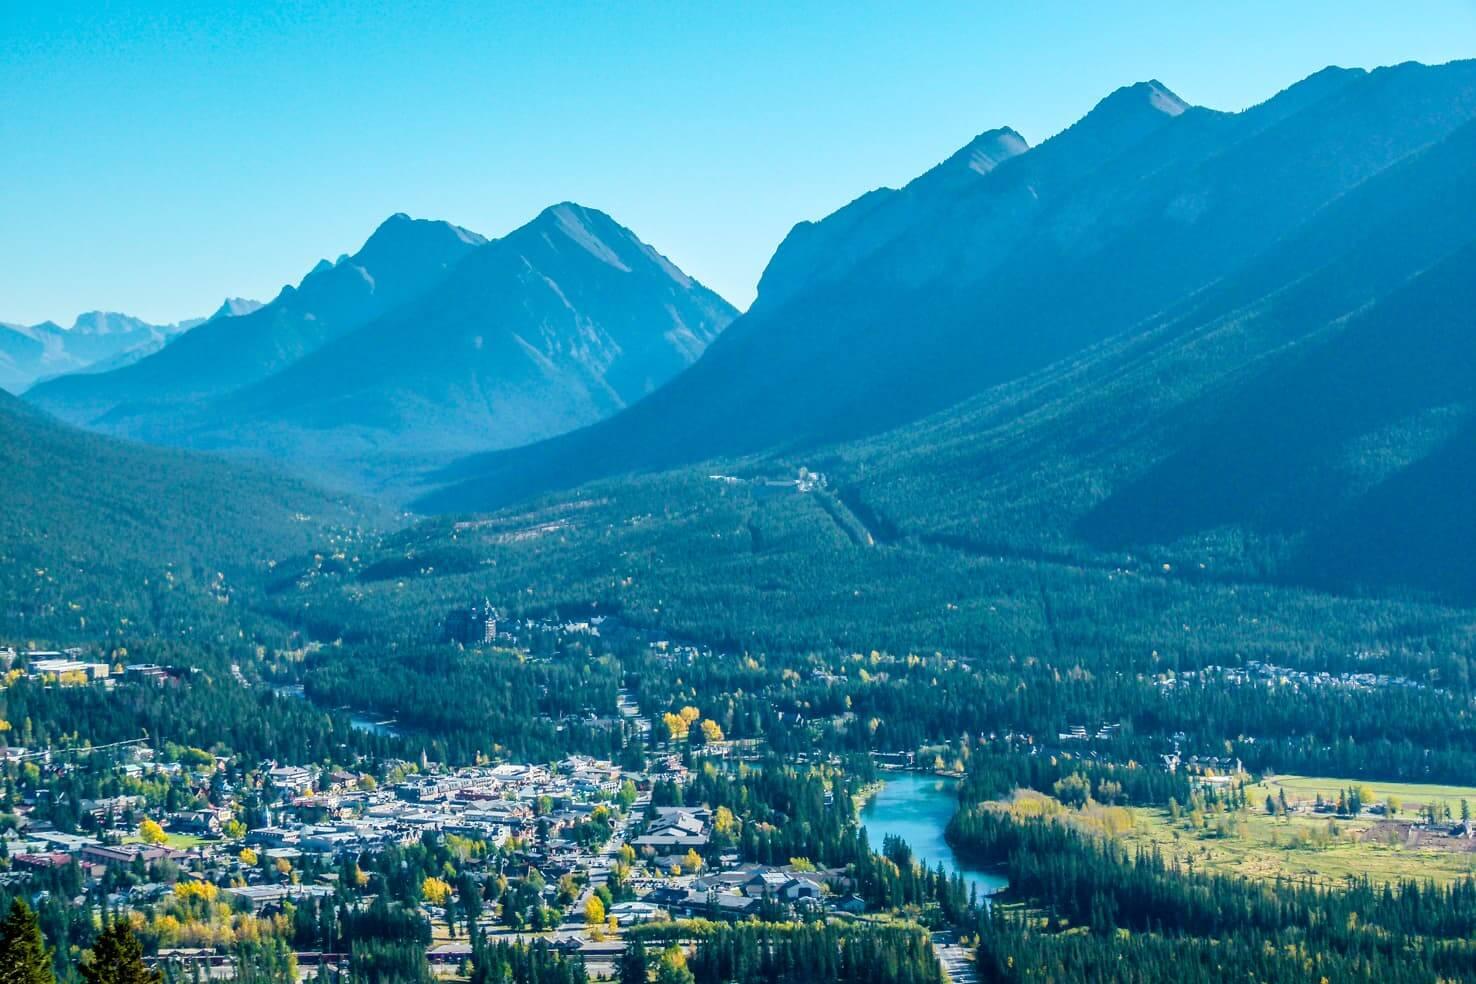 Bike trails around Banff - Mount Norquay